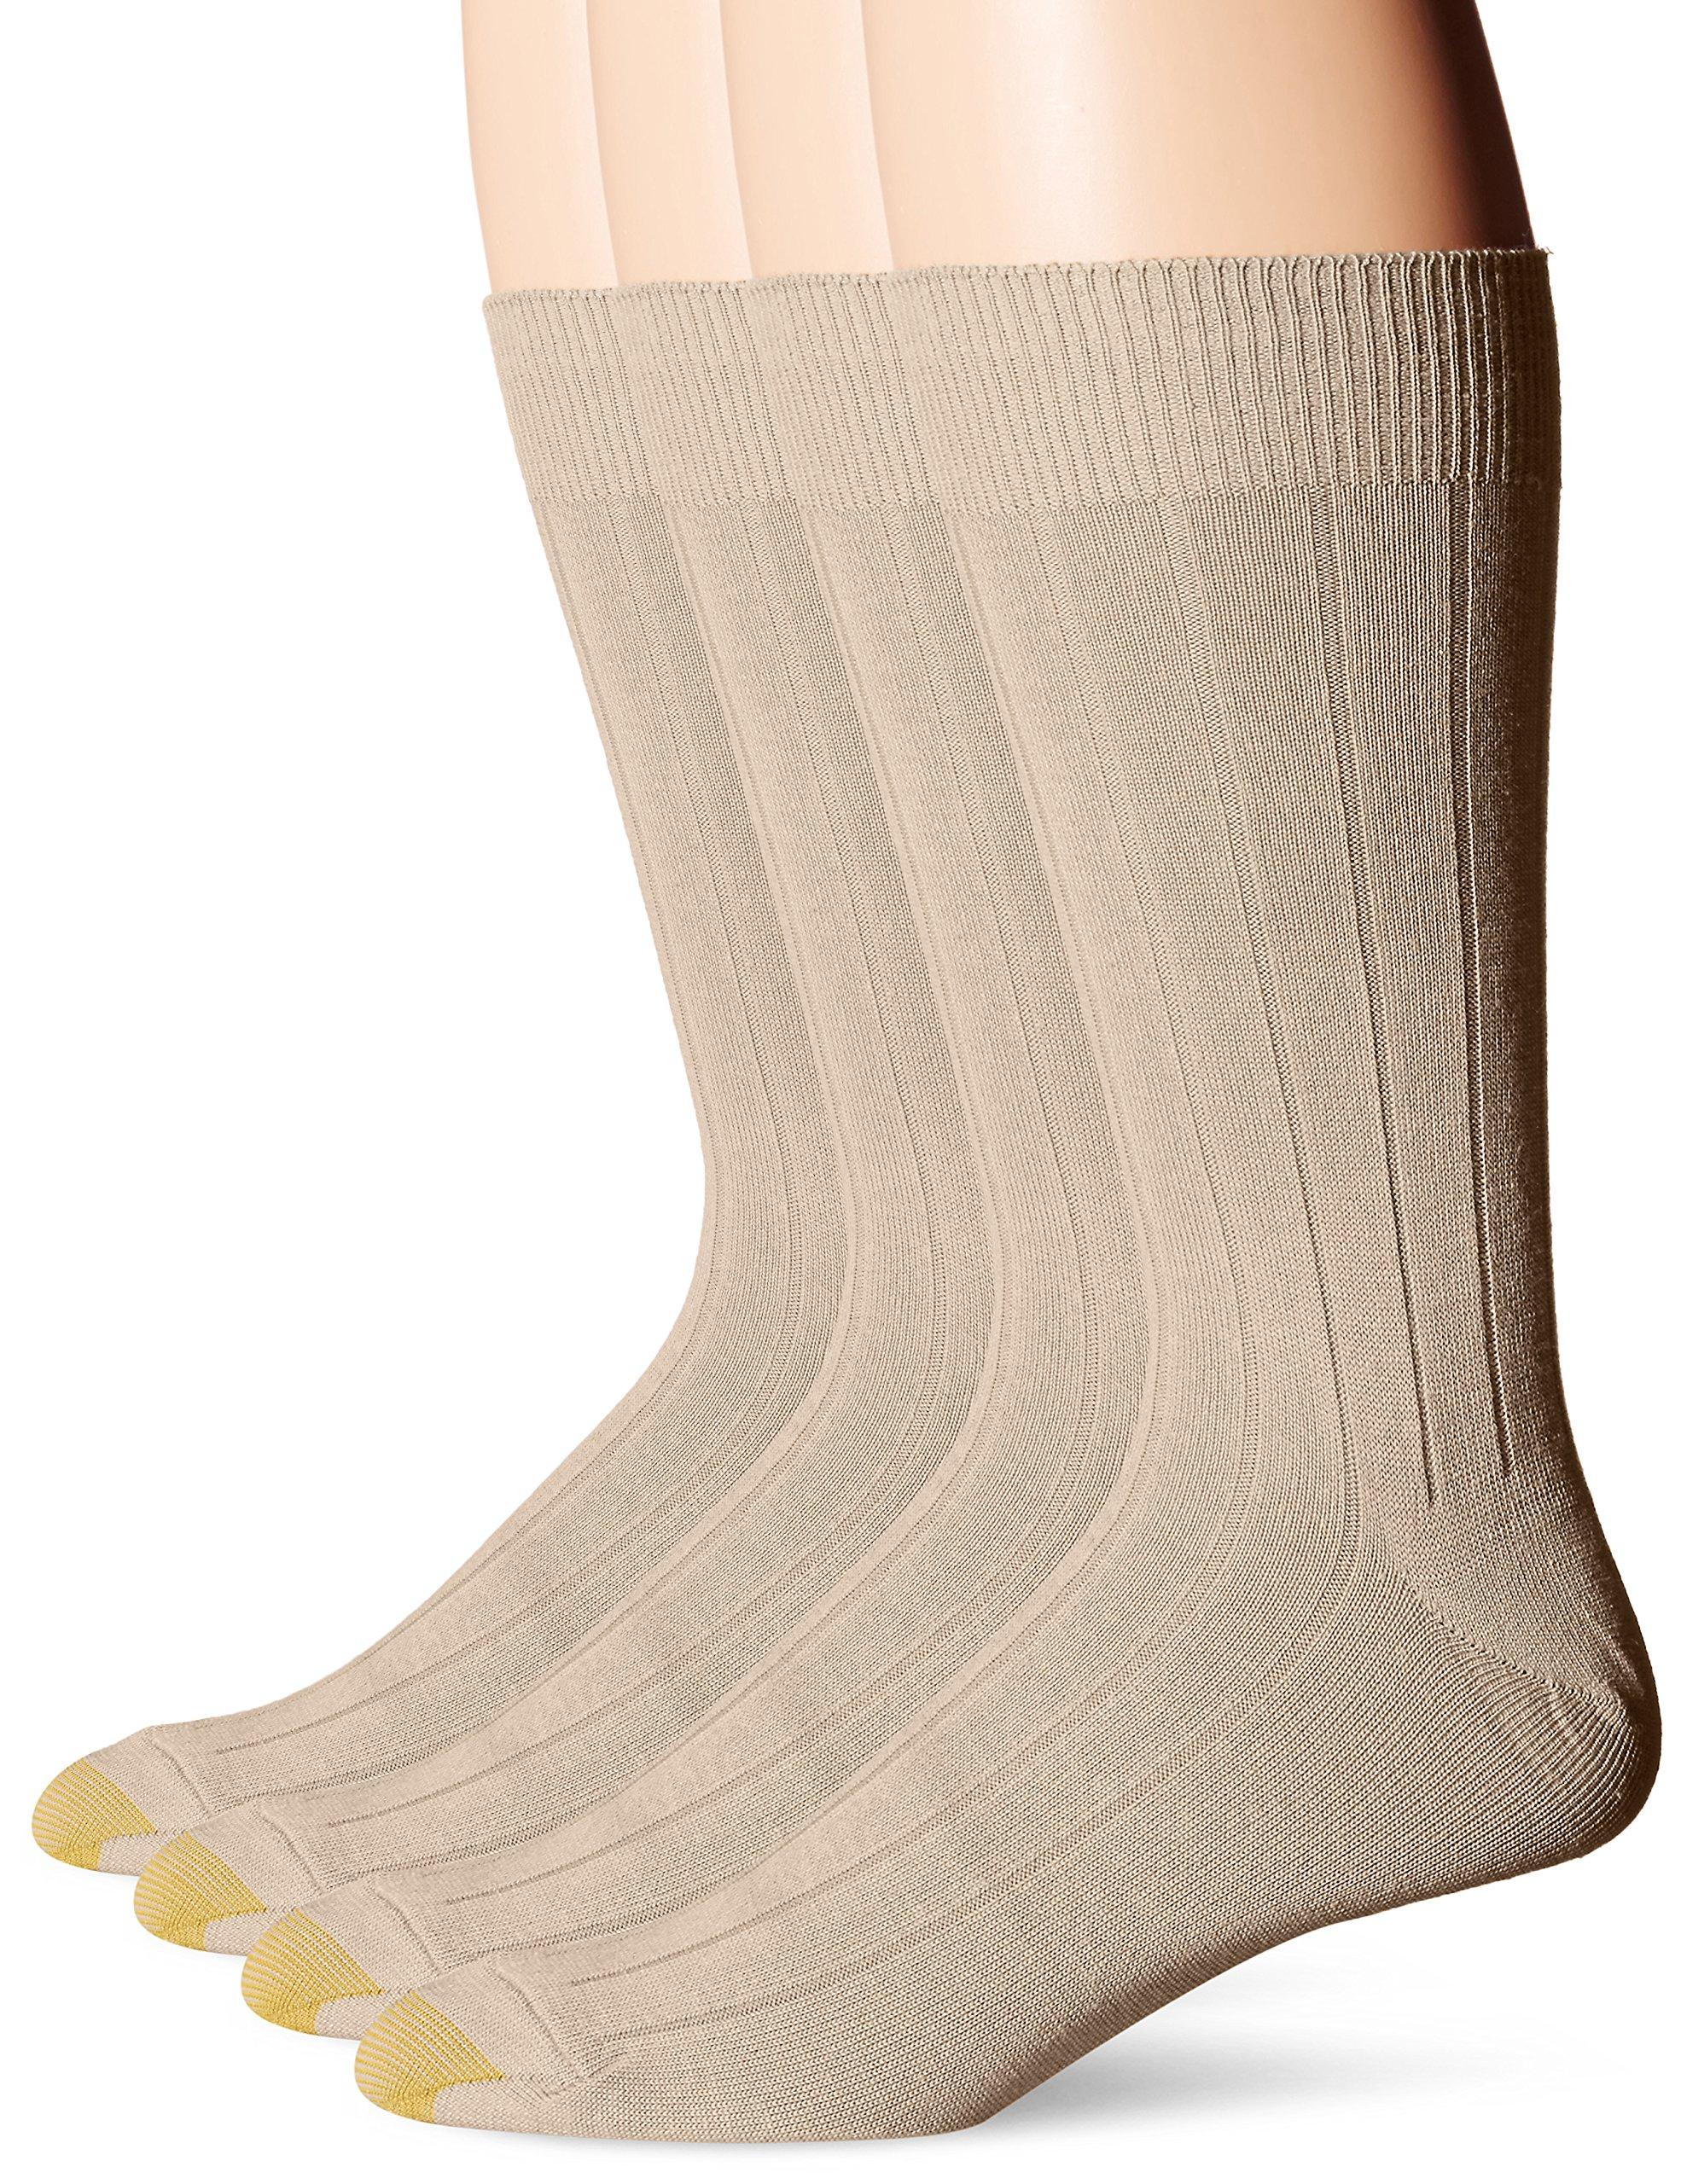 Gold Toe Men's Hampton Bonus Pack, Khaki/Tan/Black/Black, Sock Size:10-13/Shoe Size: 6-12